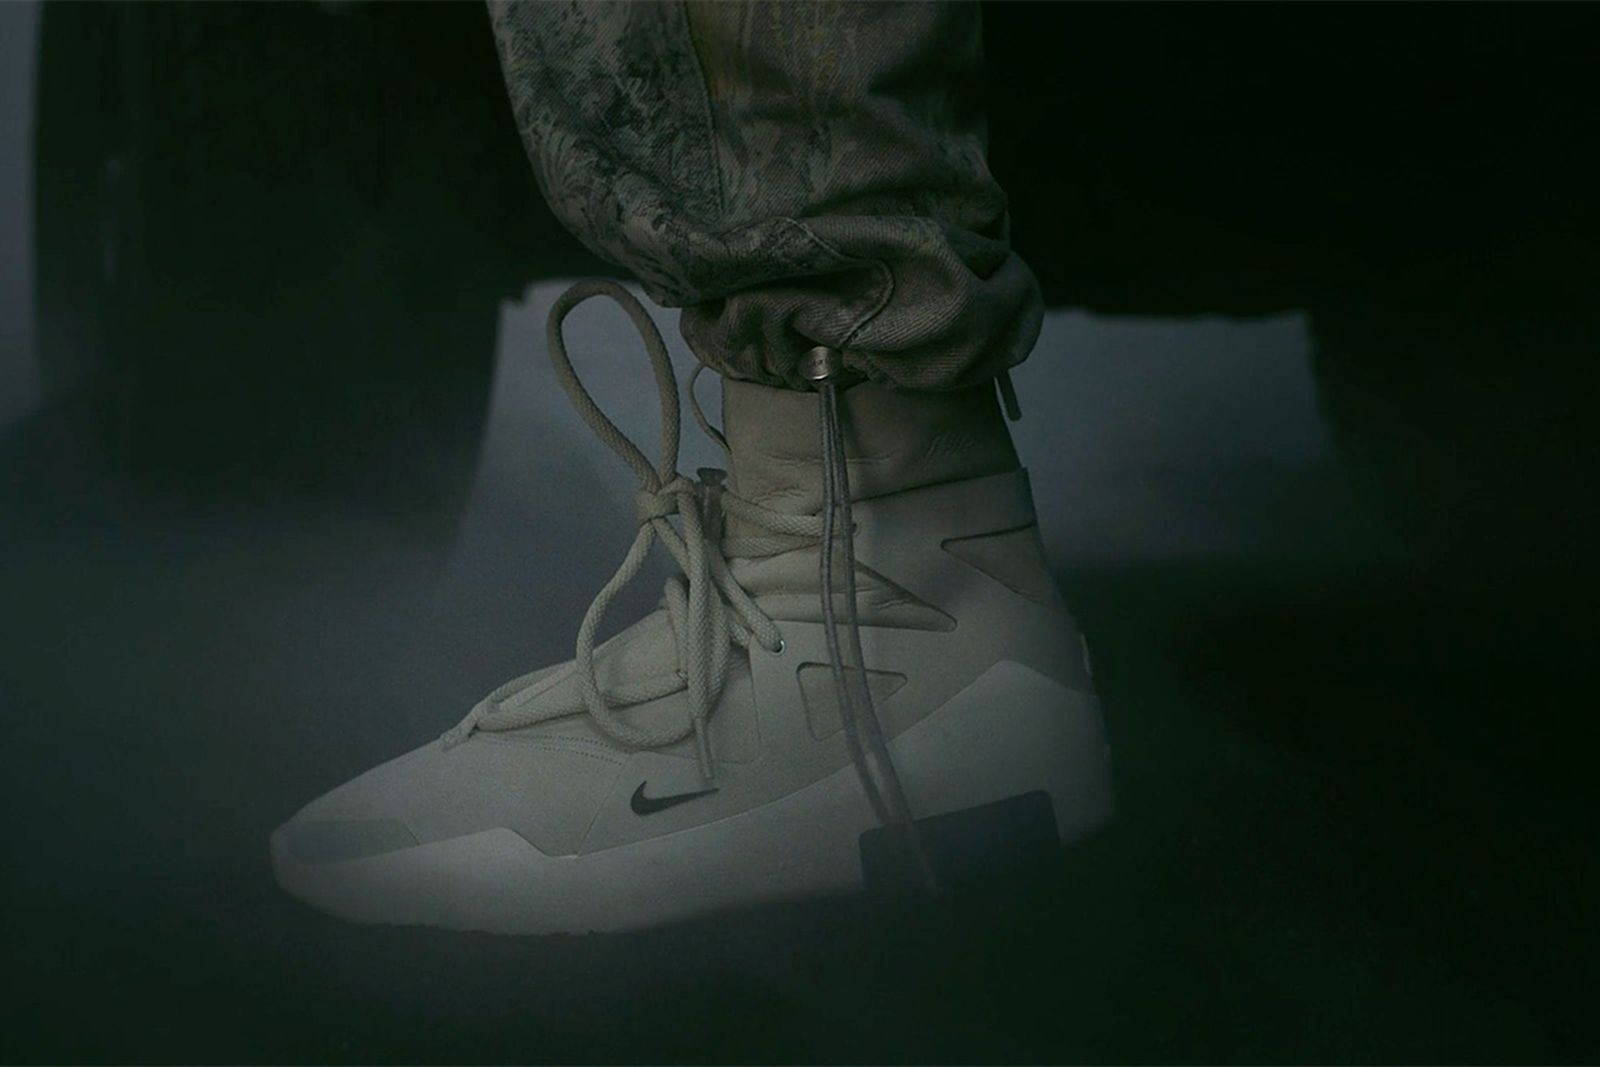 fear of god nike sneaker first look